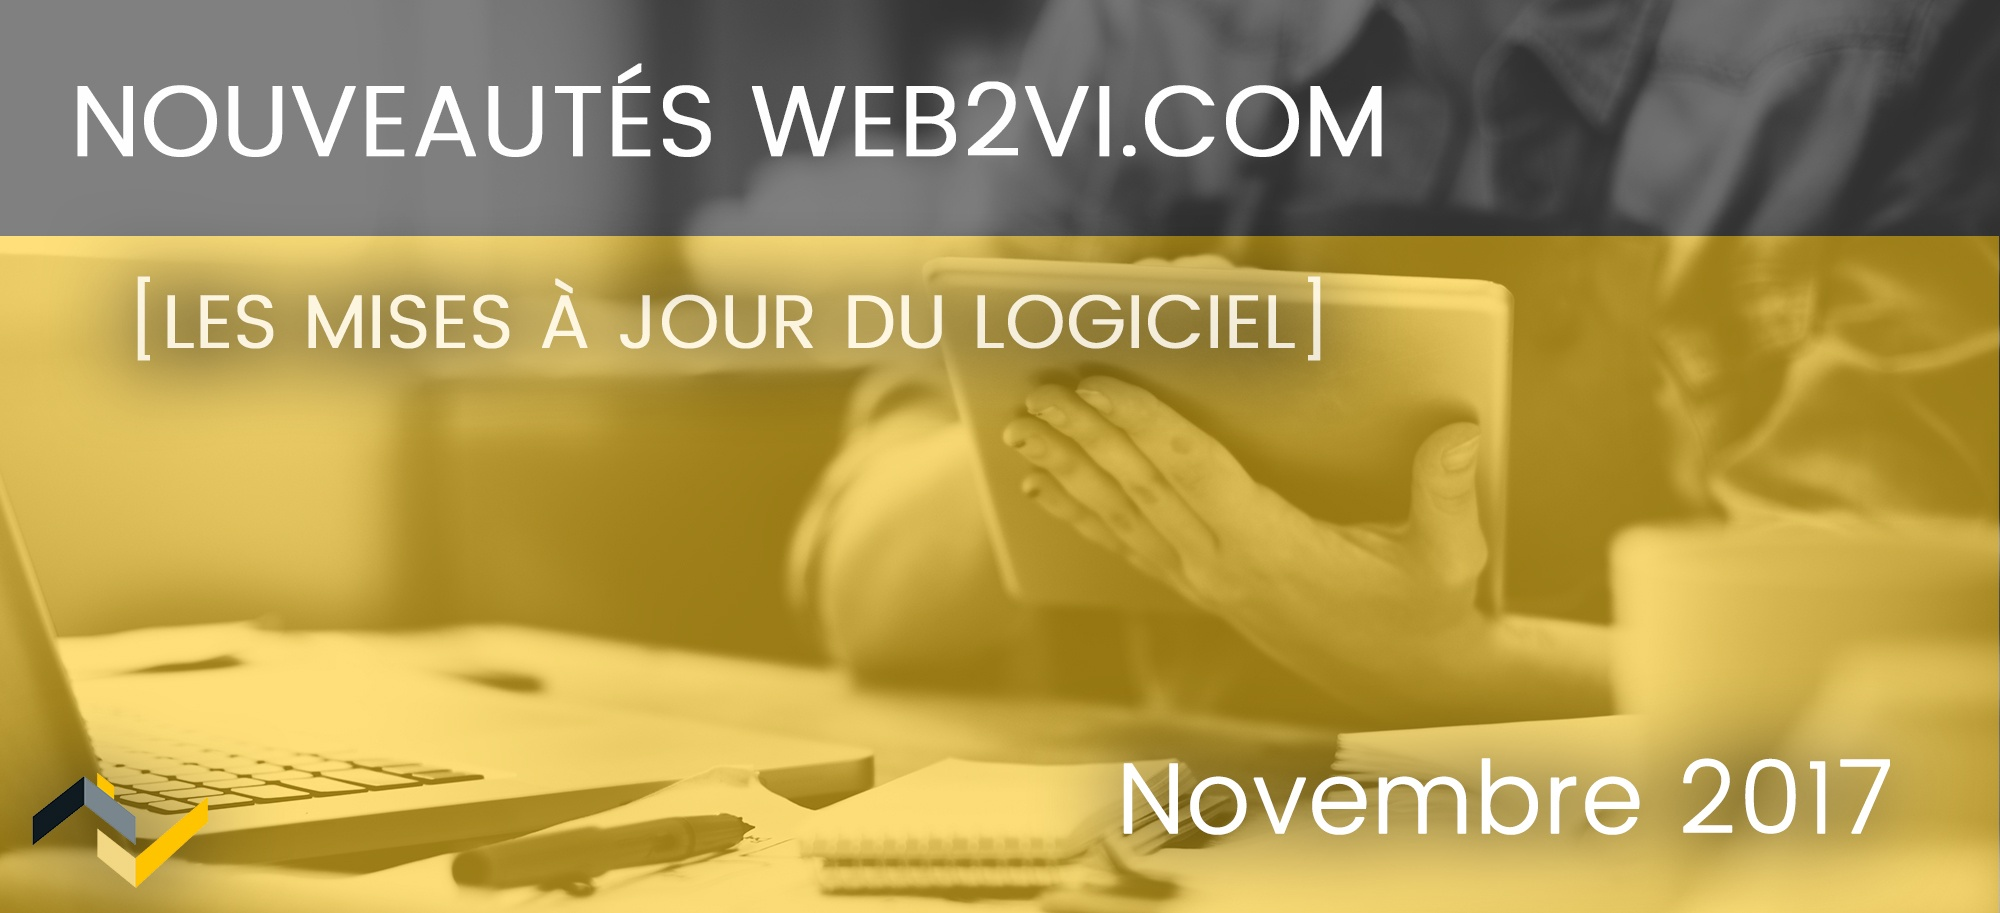 Les nouveautés de la plateforme Web2vi.com - Novembre 2017